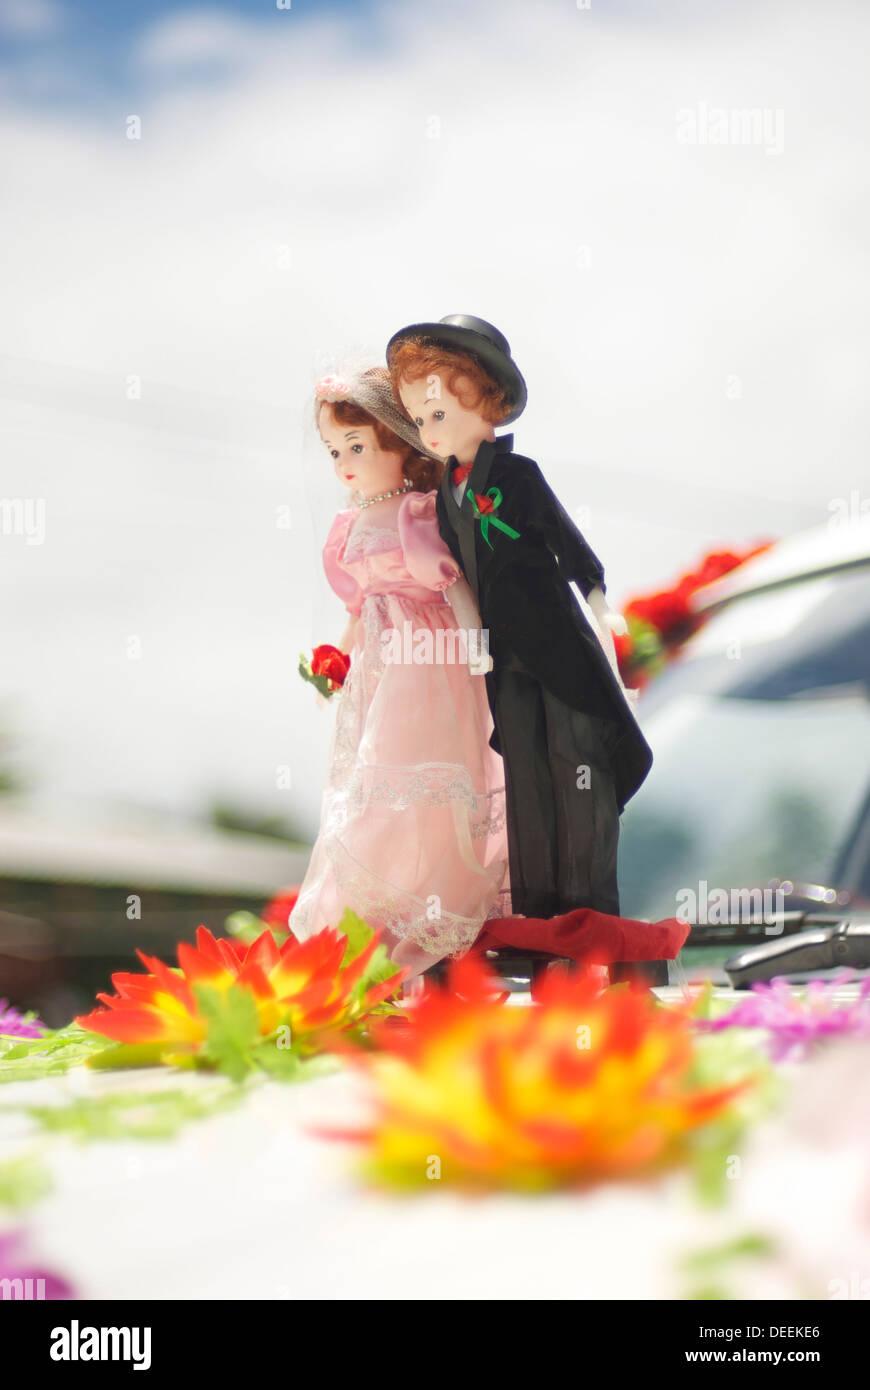 Smart miniature couple basé sur/voiture pour mariage avec des fleurs sur leurs pieds Photo Stock